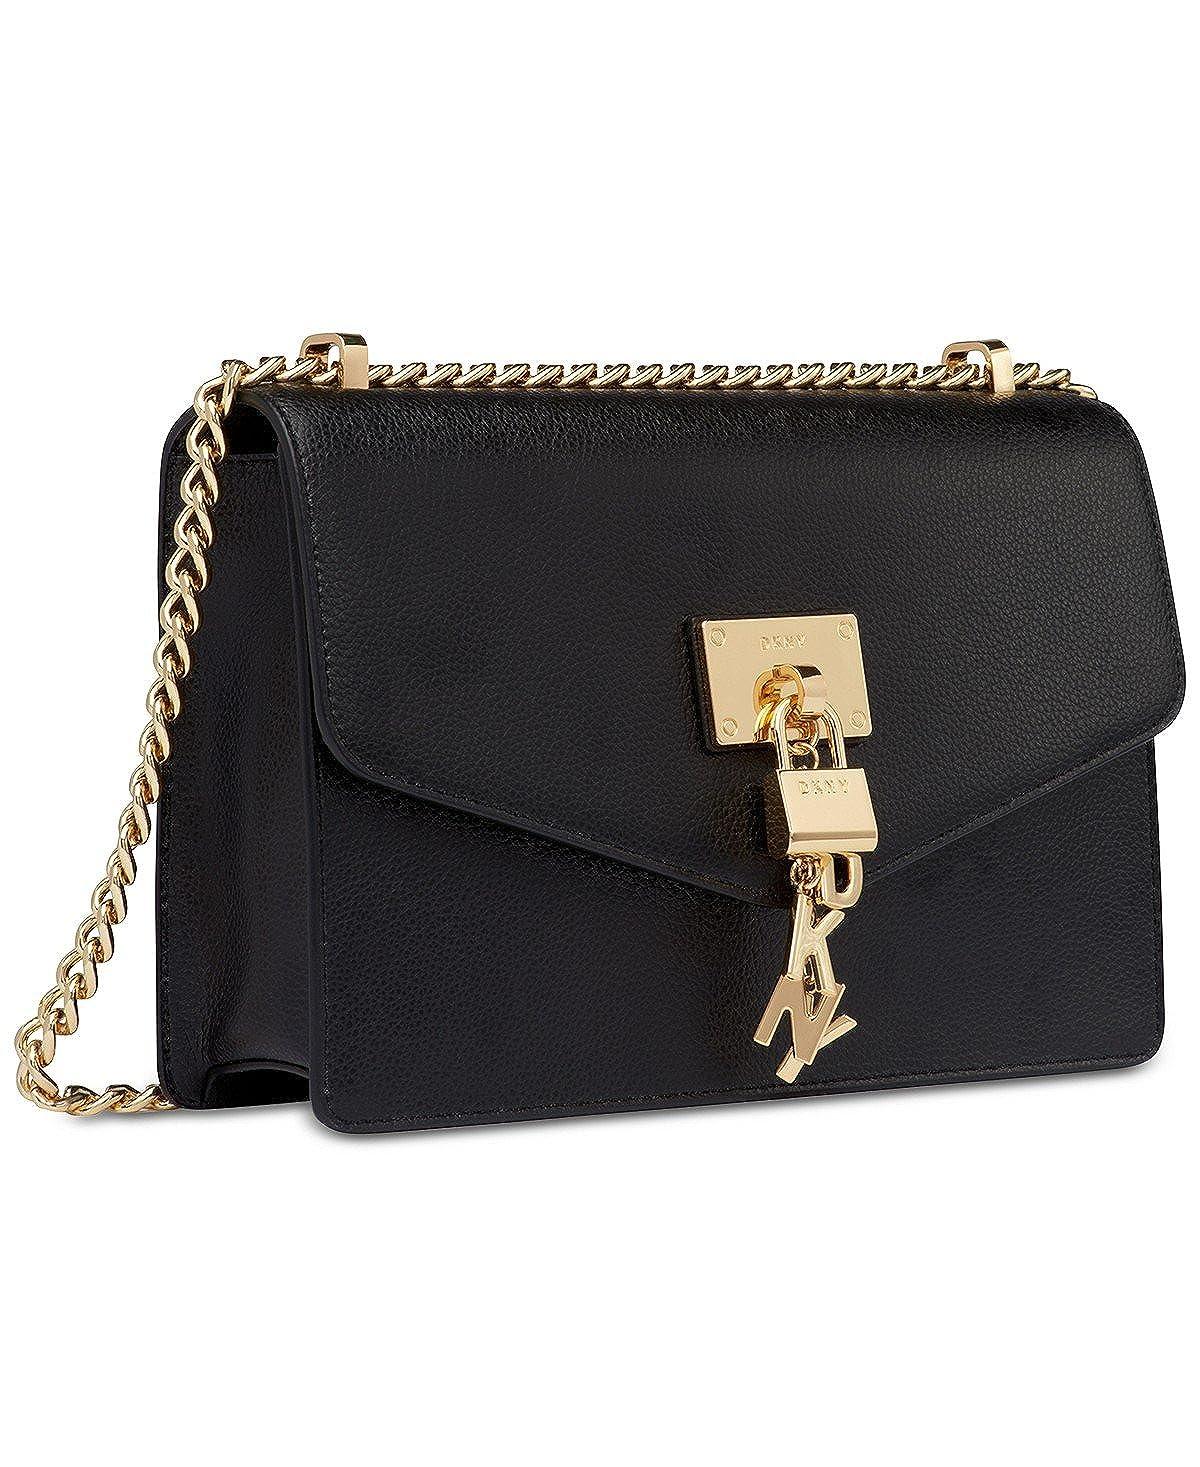 d2dee52d2 DKNY Elissa Medium Chain Strap Shoulder Bag (Black): Handbags: Amazon.com